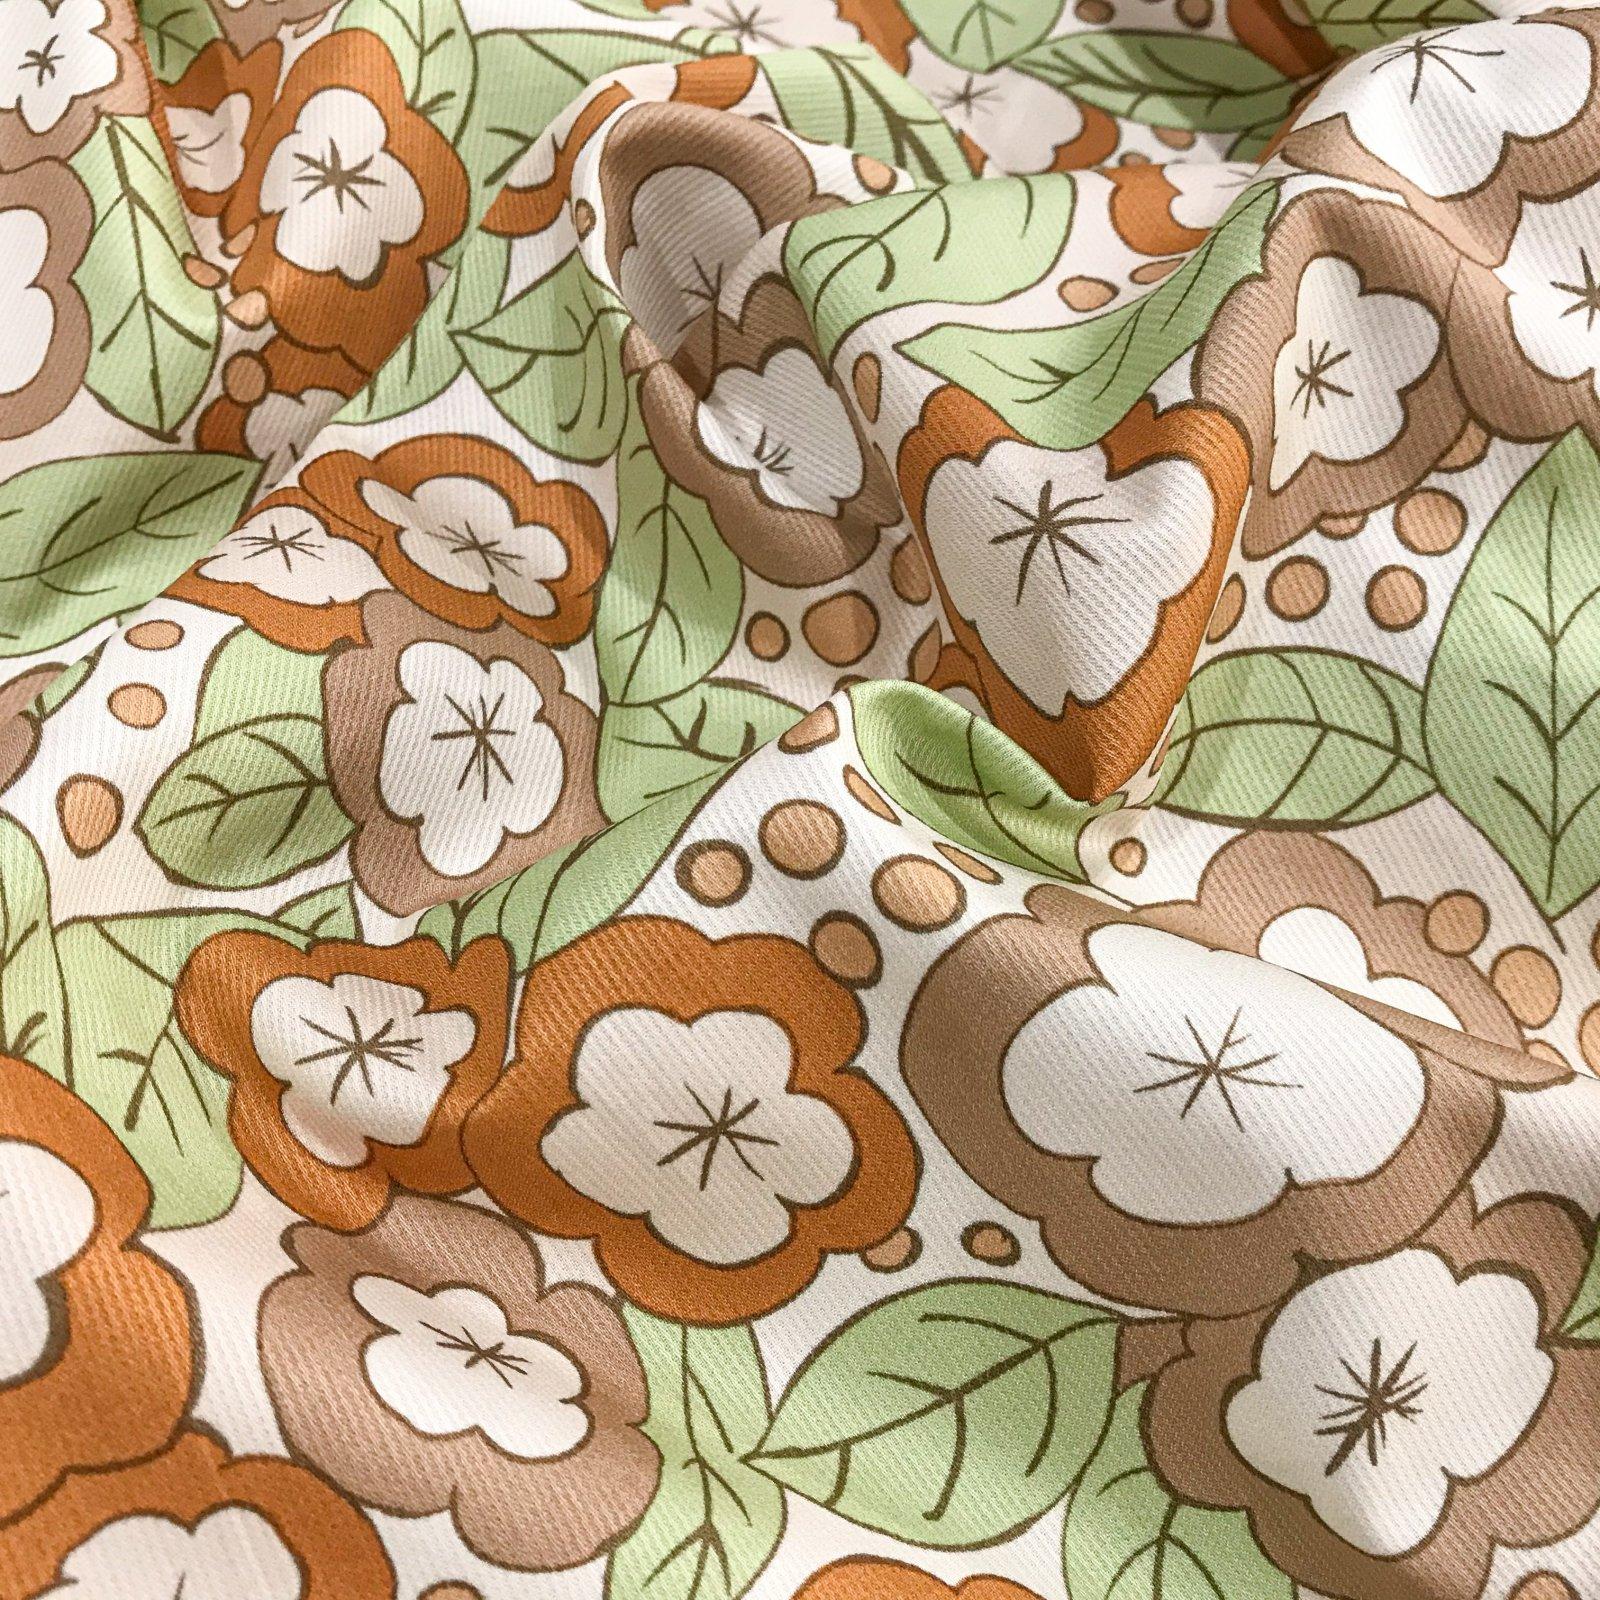 Cotton Poplin - Rust Daisy Texture